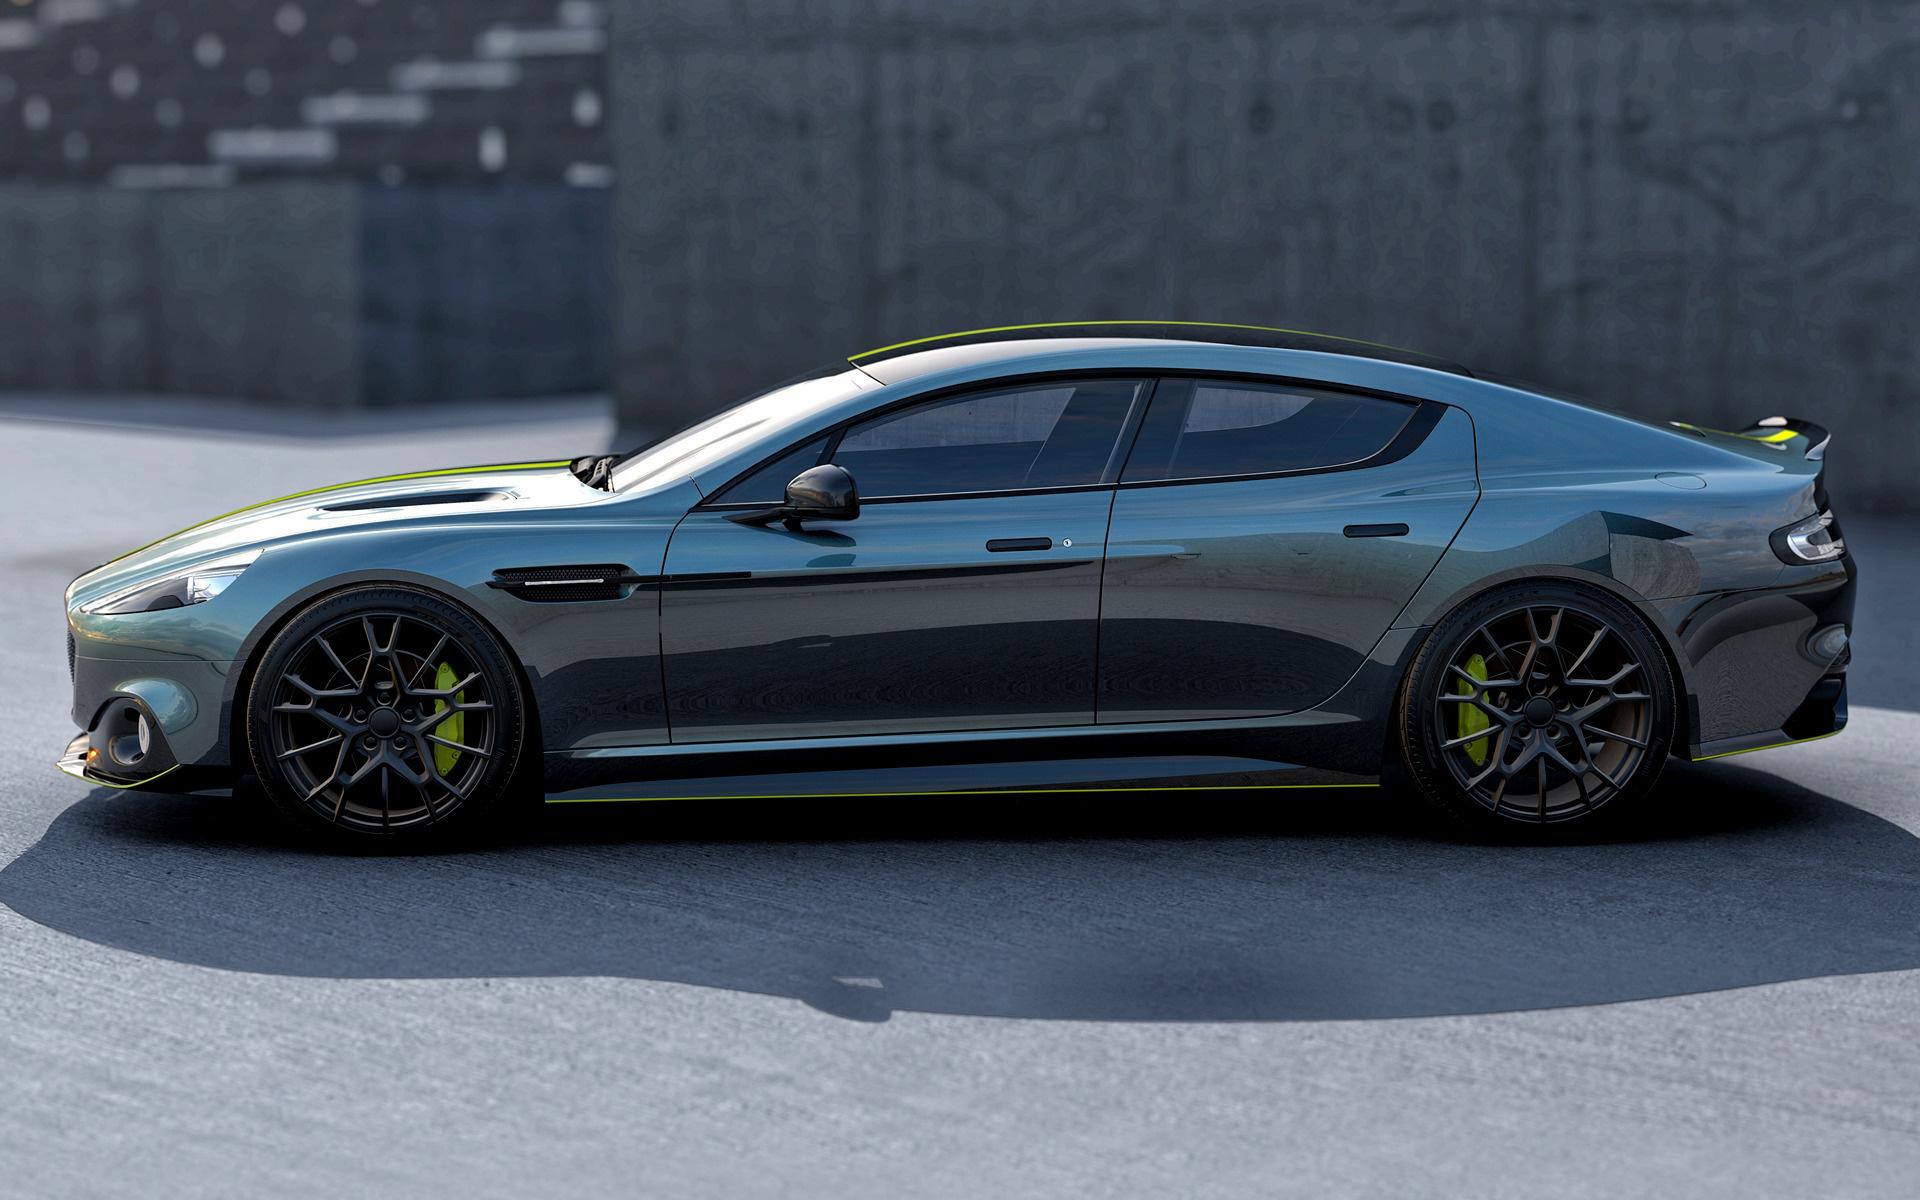 2018 Aston Martin Rapide Amr Hintergrundbilder Und Wallpaper In Hd Car Pixel